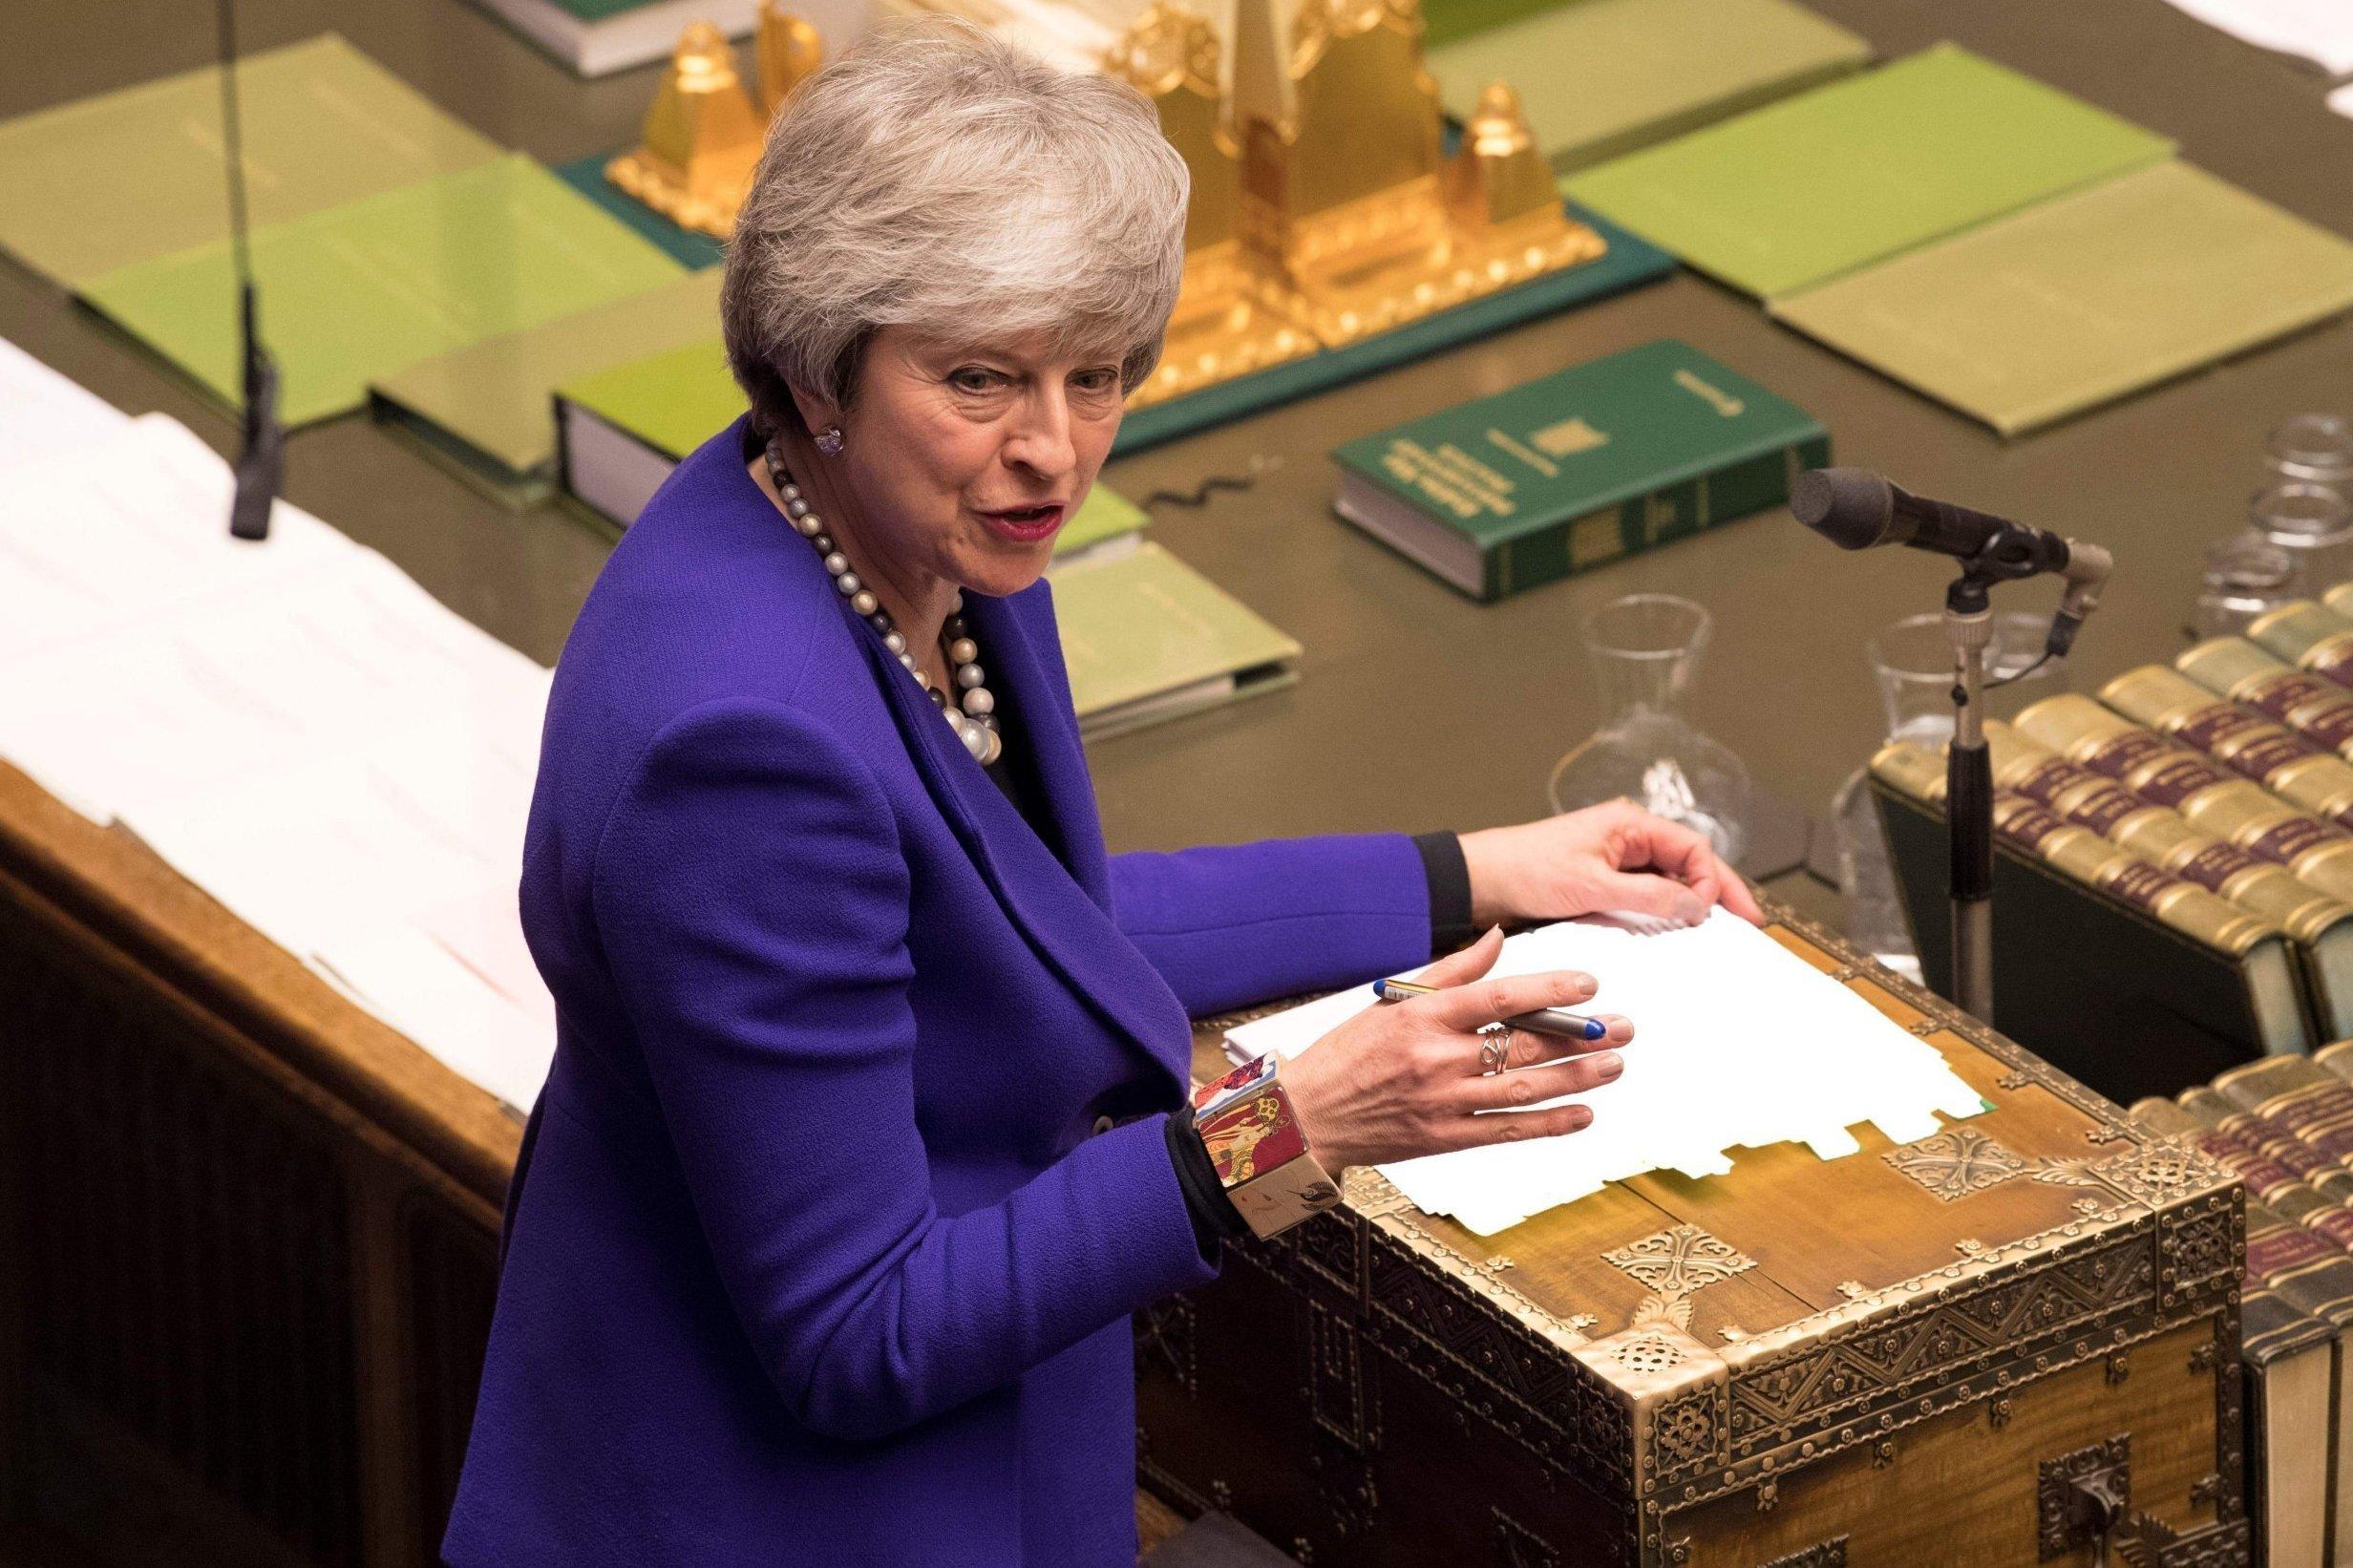 Brexit: Kurz herrschte Ruhe bei den Tories – nun werfen Hardliner May einen